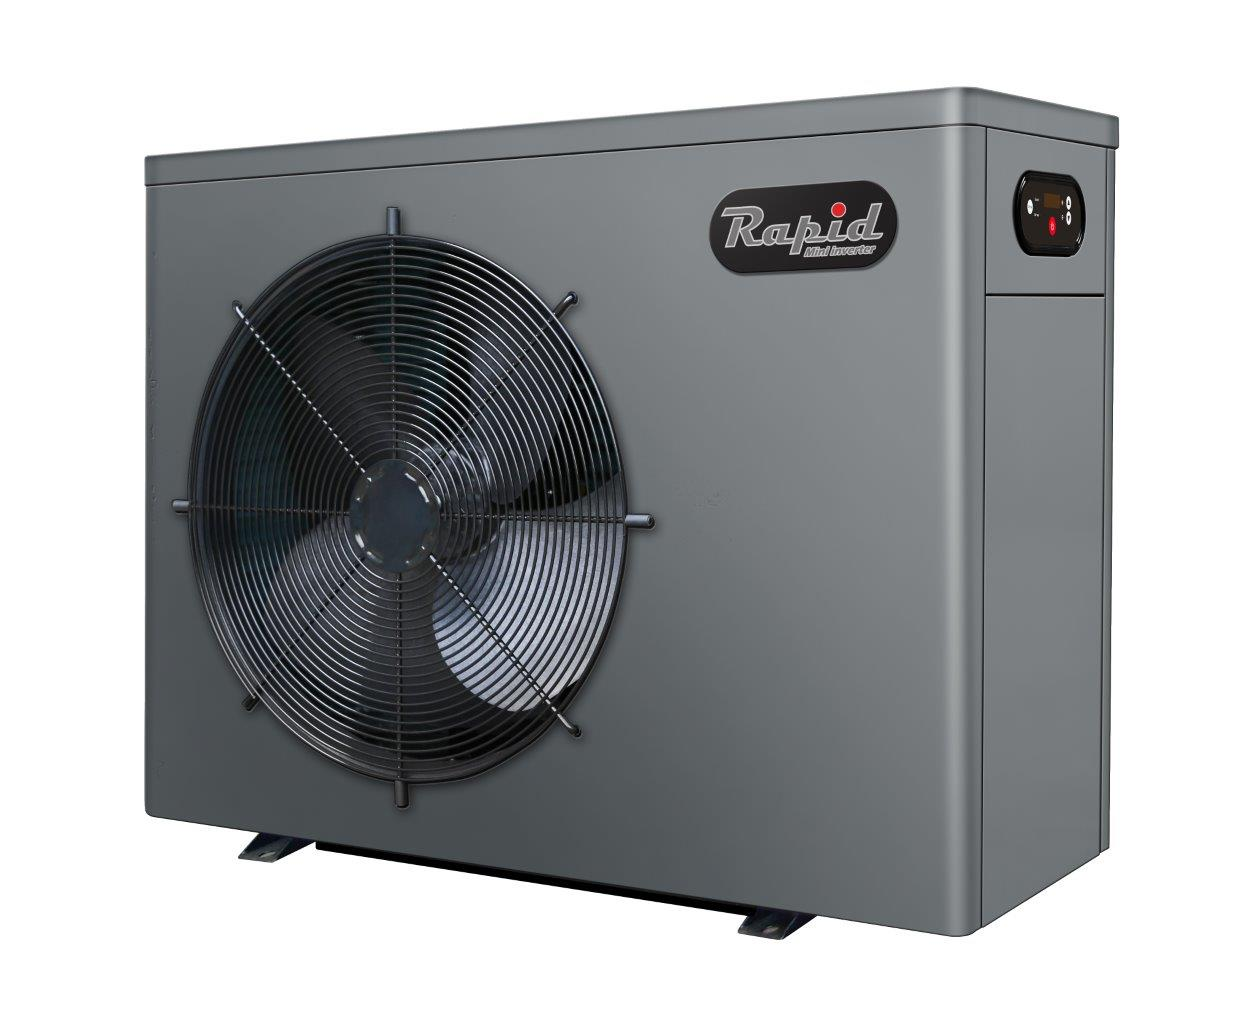 Tepelné čerpadlo Rapid Mini Inverter RMIC06 (BPNCR06) 6,0kW s chlazením